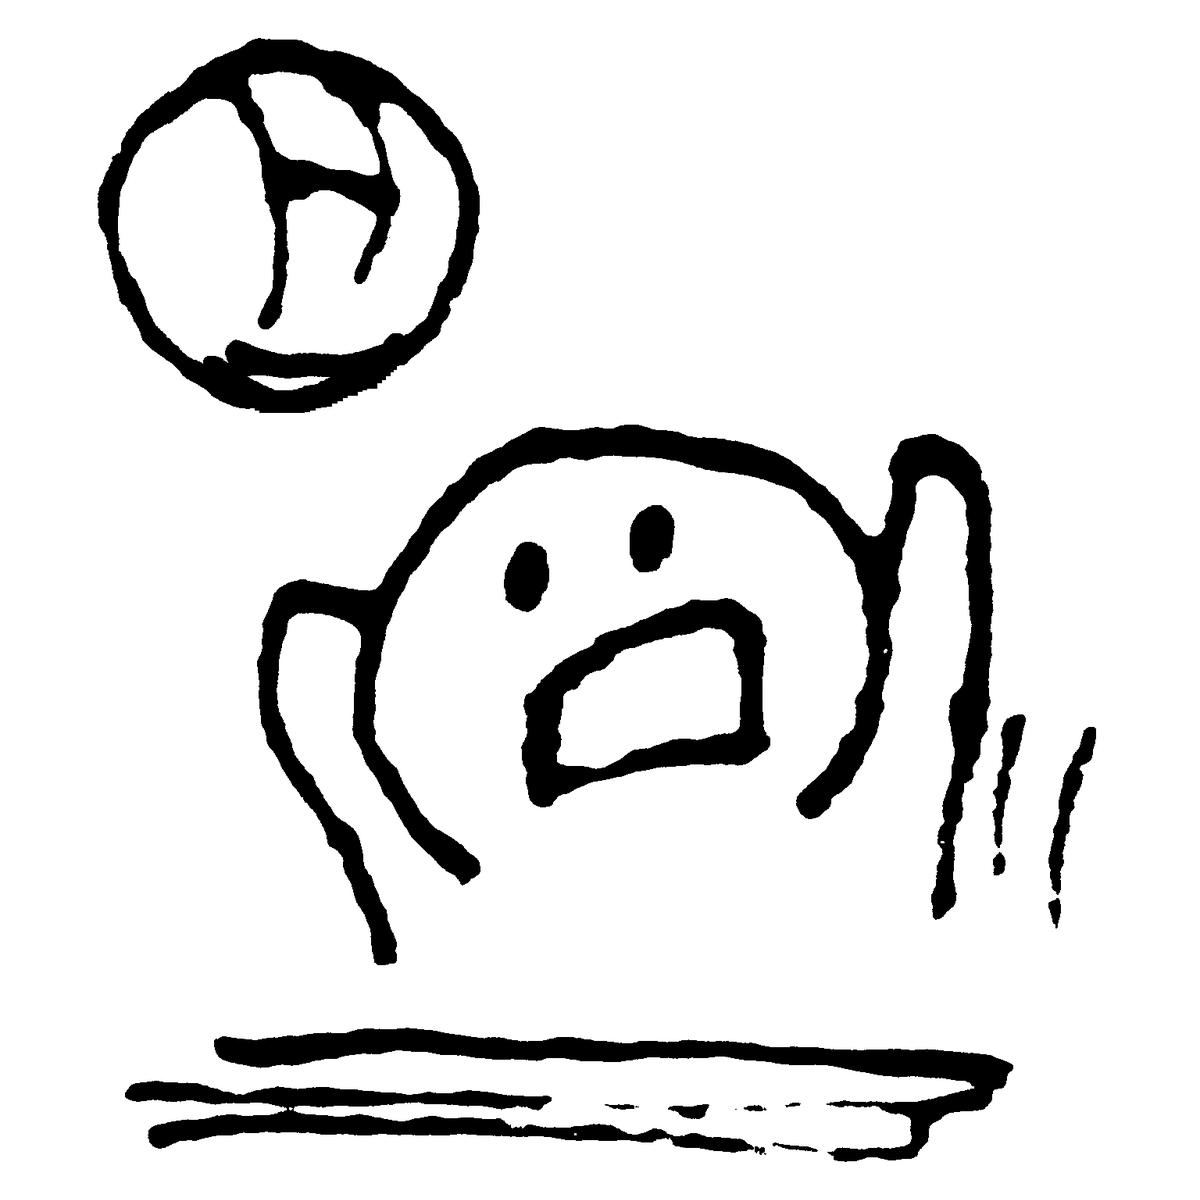 バレーボールのイラスト Volleyball